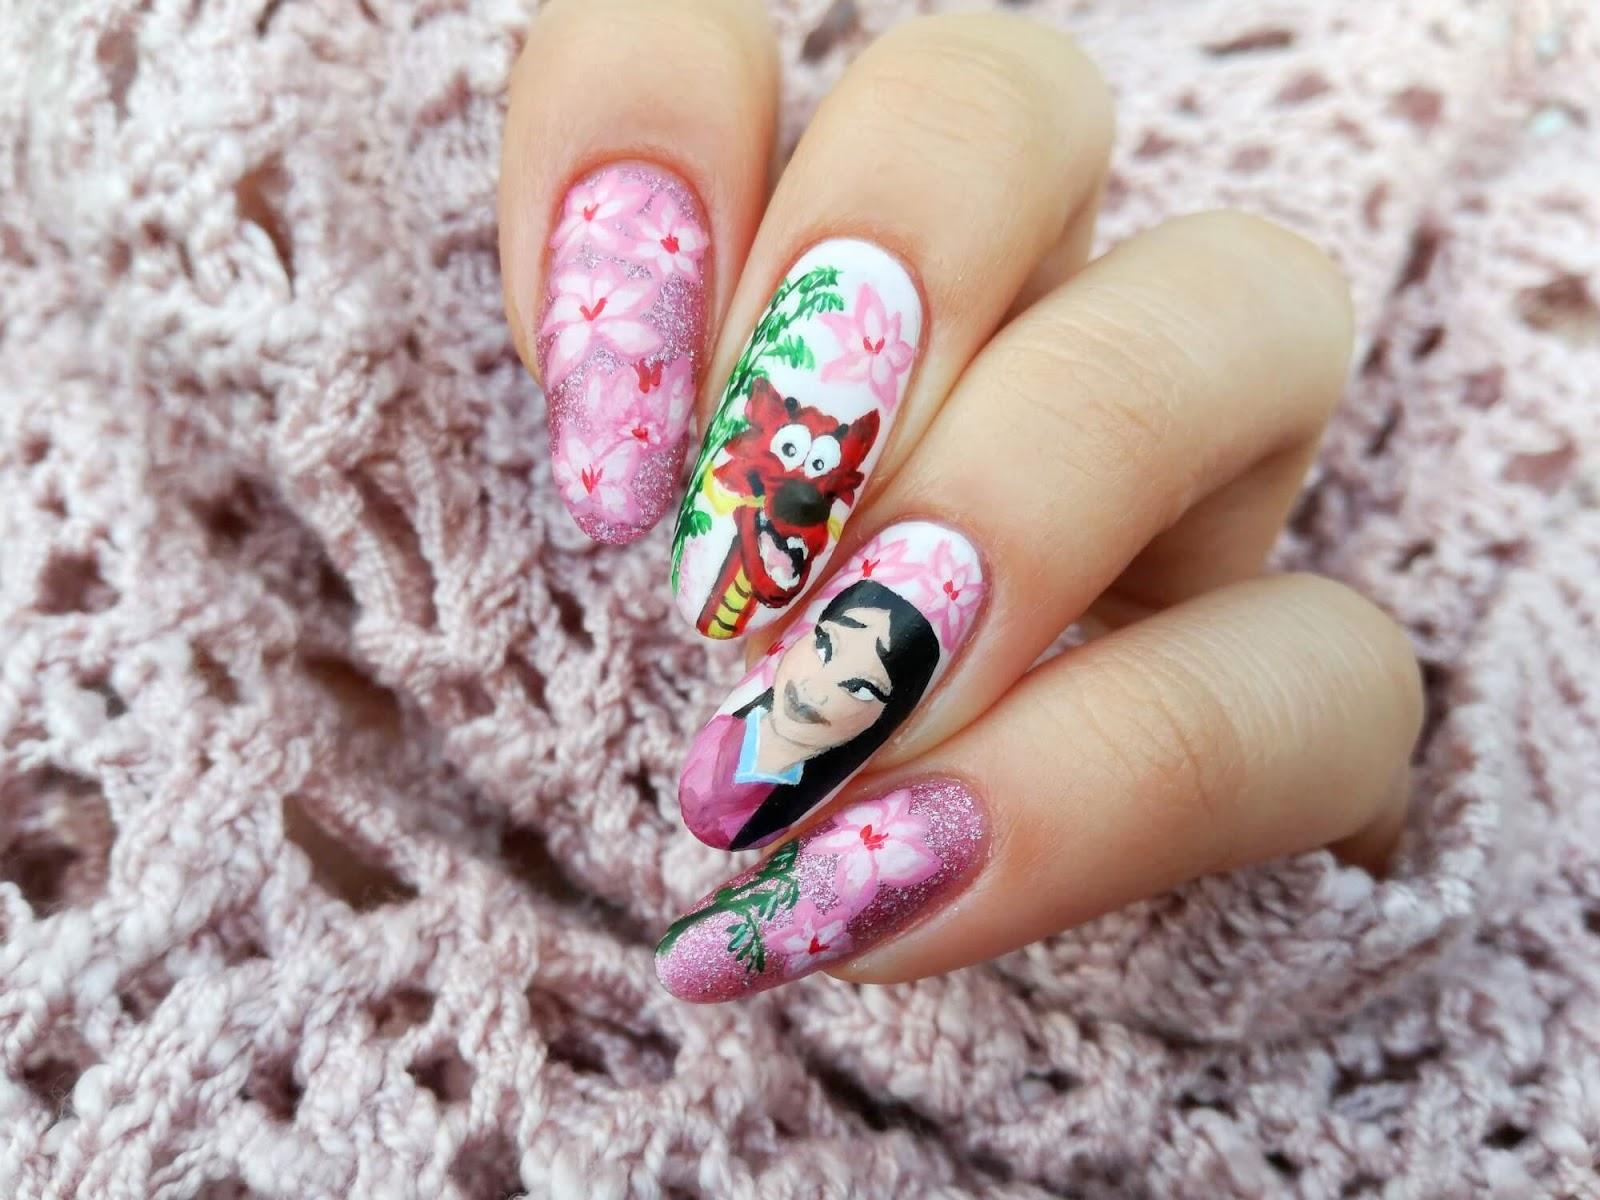 bajkowe paznokcie Mulan